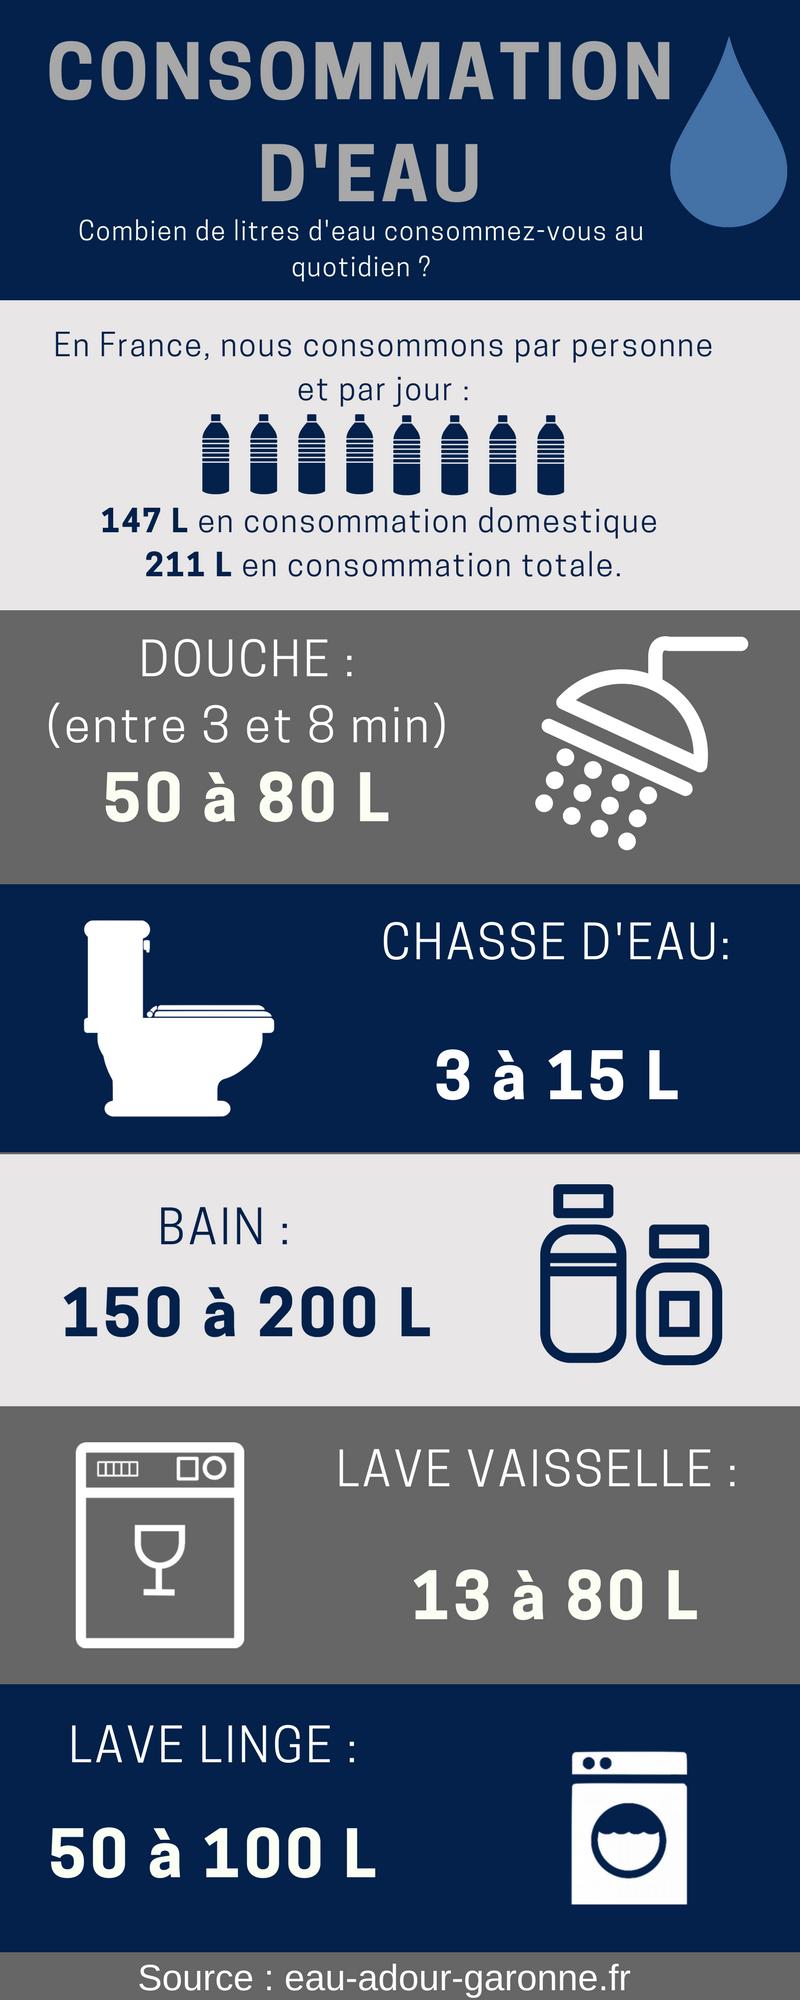 Infographie consommation d'eau